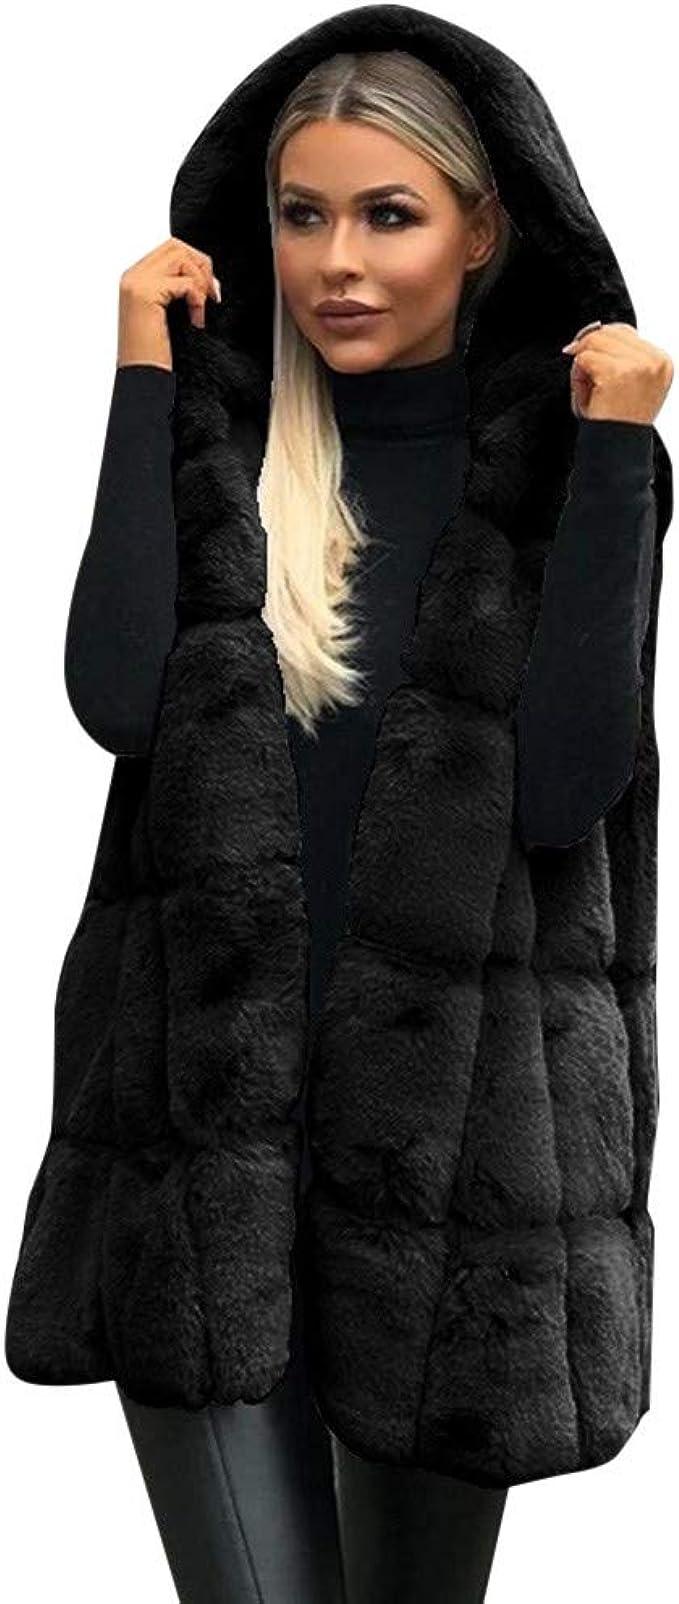 BELLA HXR Giacca Donna Cappotti di Visone da Donna Cappotti Invernali di Nuova Giacca in Pelliccia Sintetica con Cappuccio Giacca Donna,Autunno